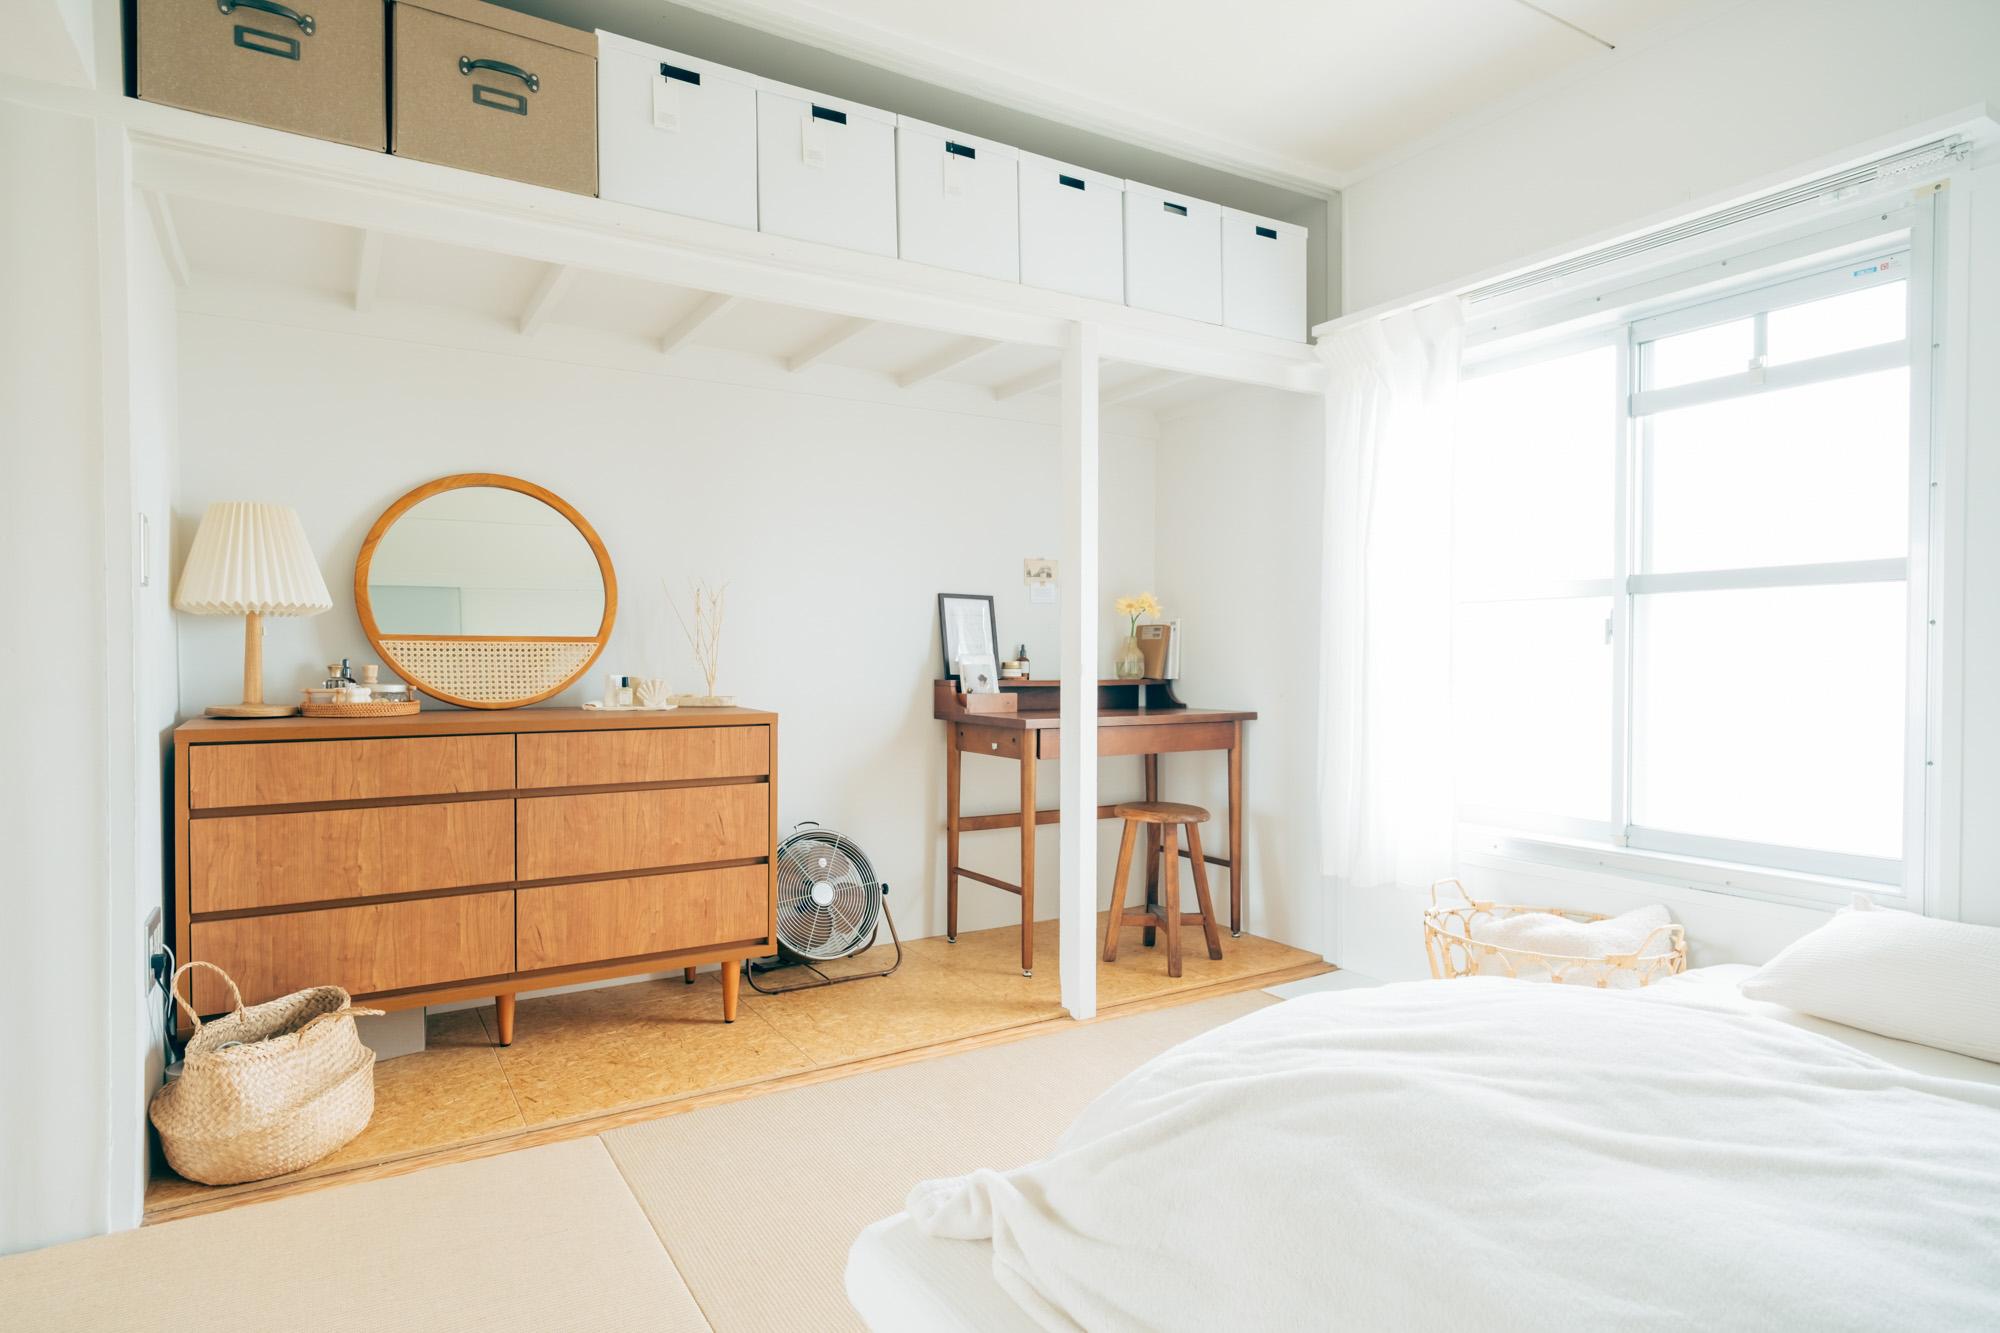 元は押入れだったスペースを自由に活用できるのもMUJI×URのお部屋の特徴。キャビネットやデスクを置いても窮屈さがありません。ベッドはソファがわりにも活用していらっしゃるそう。